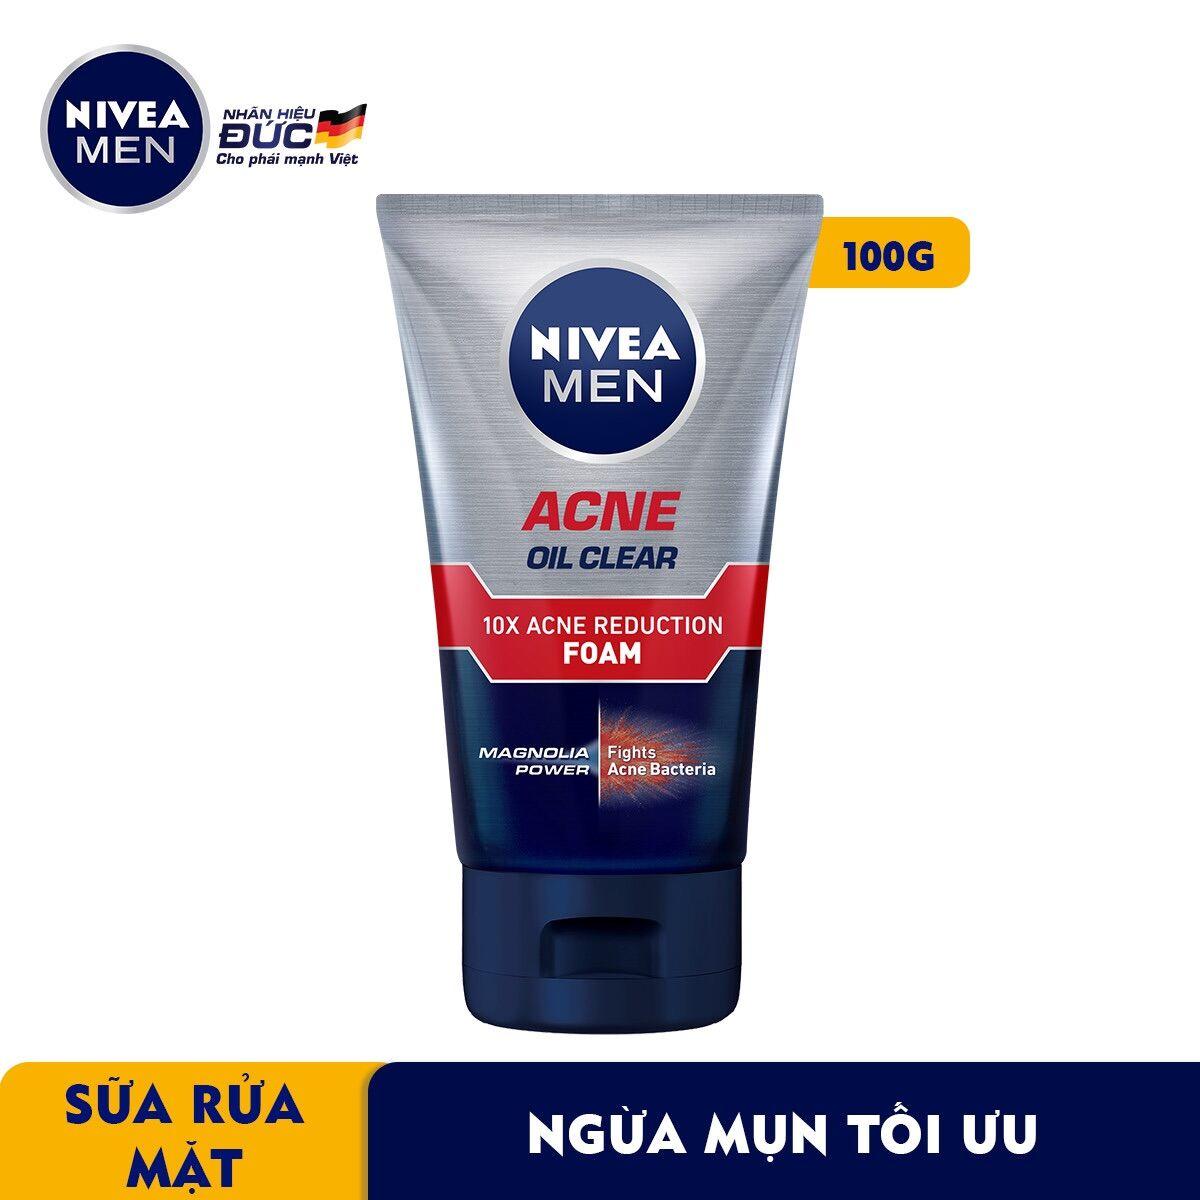 Sữa rửa mặt Nivea sạch bã nhờn 100g giá rẻ